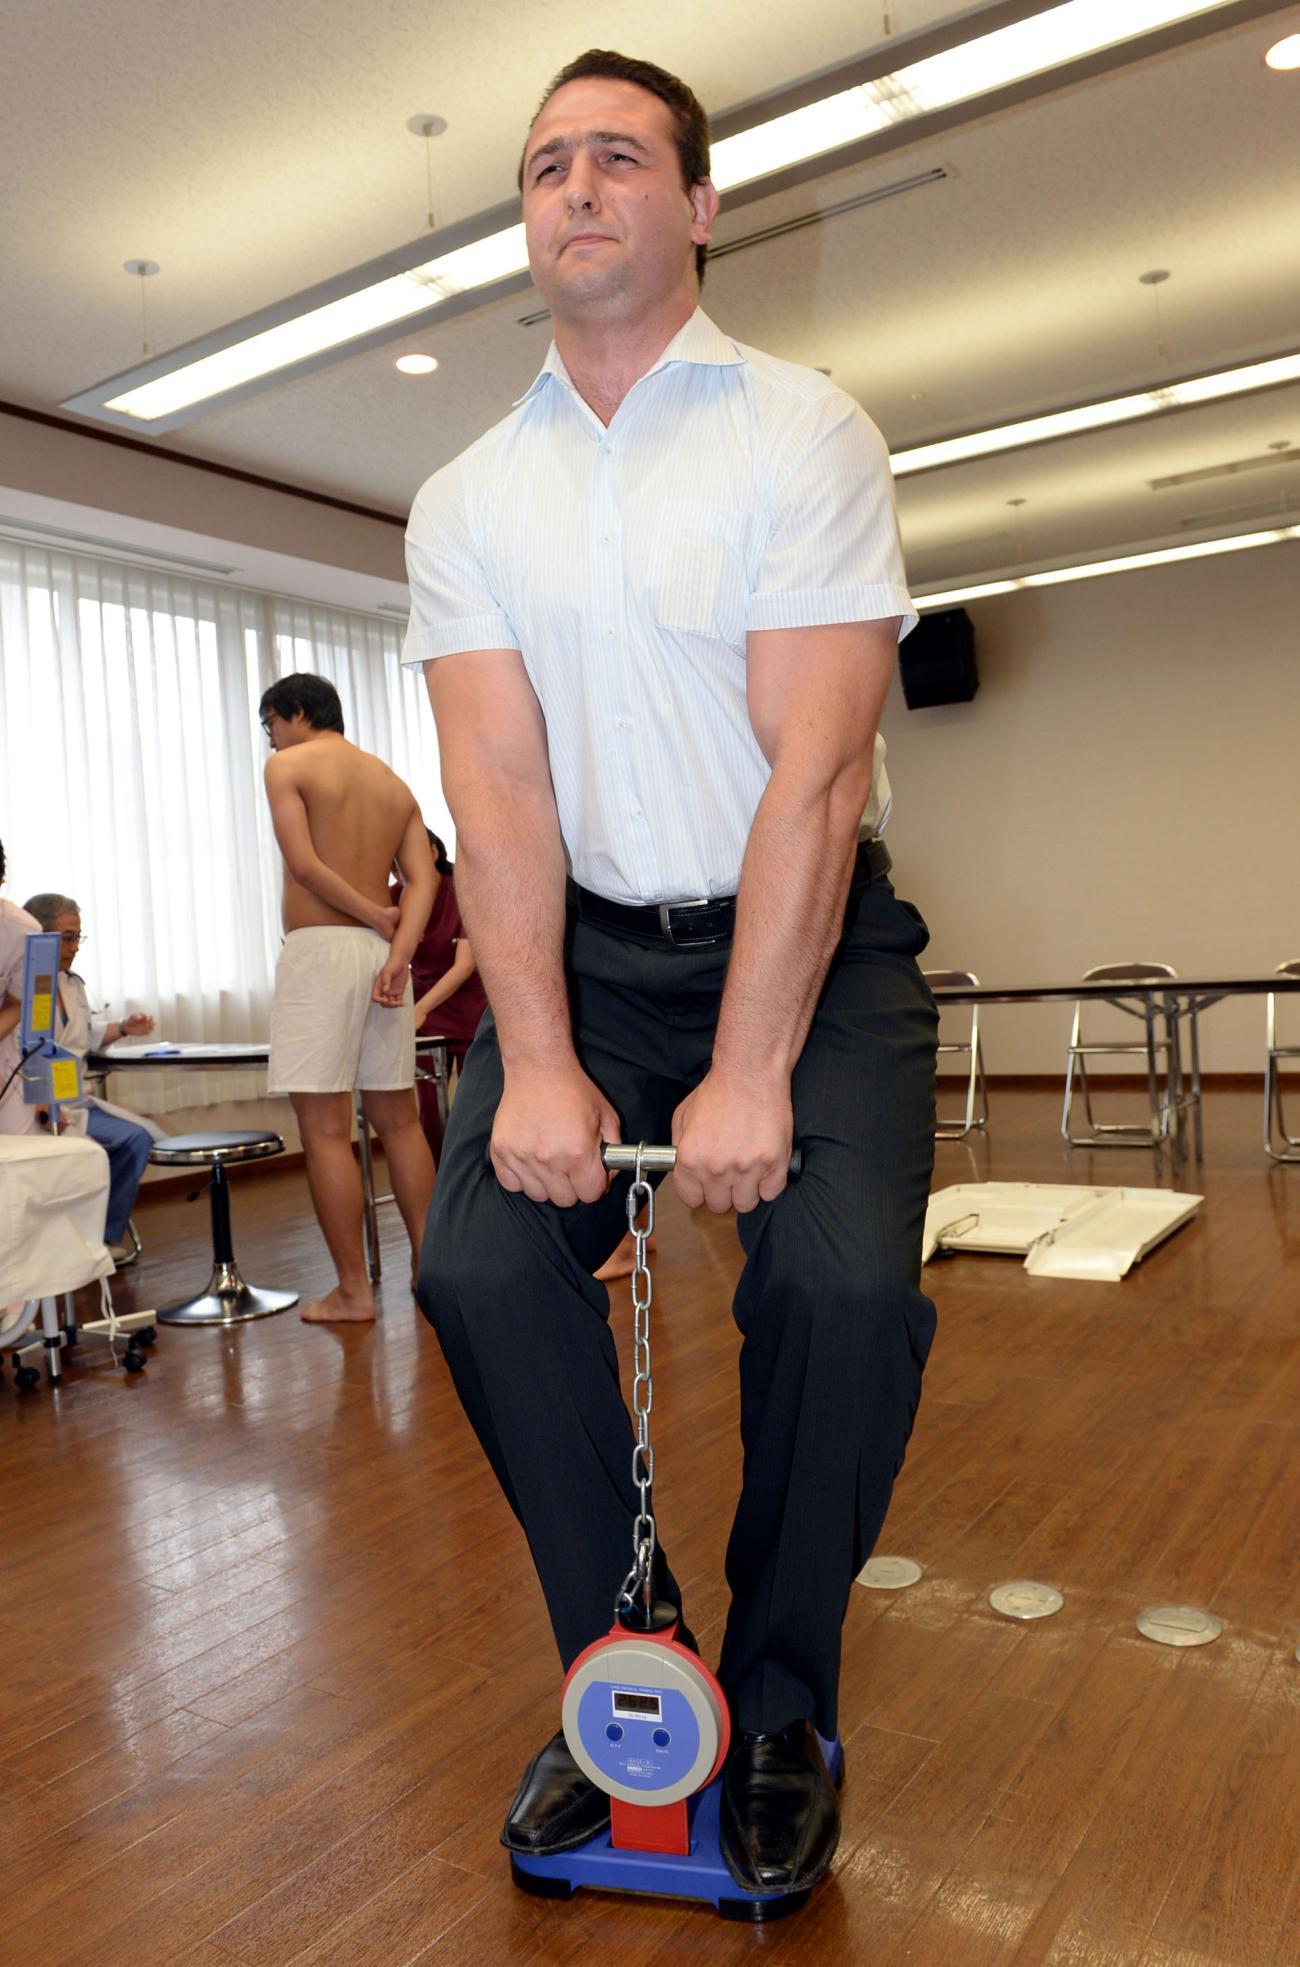 鳴戸親方すごっ!引退から3年も背筋力281キロ - 大相撲 : 日刊スポーツ